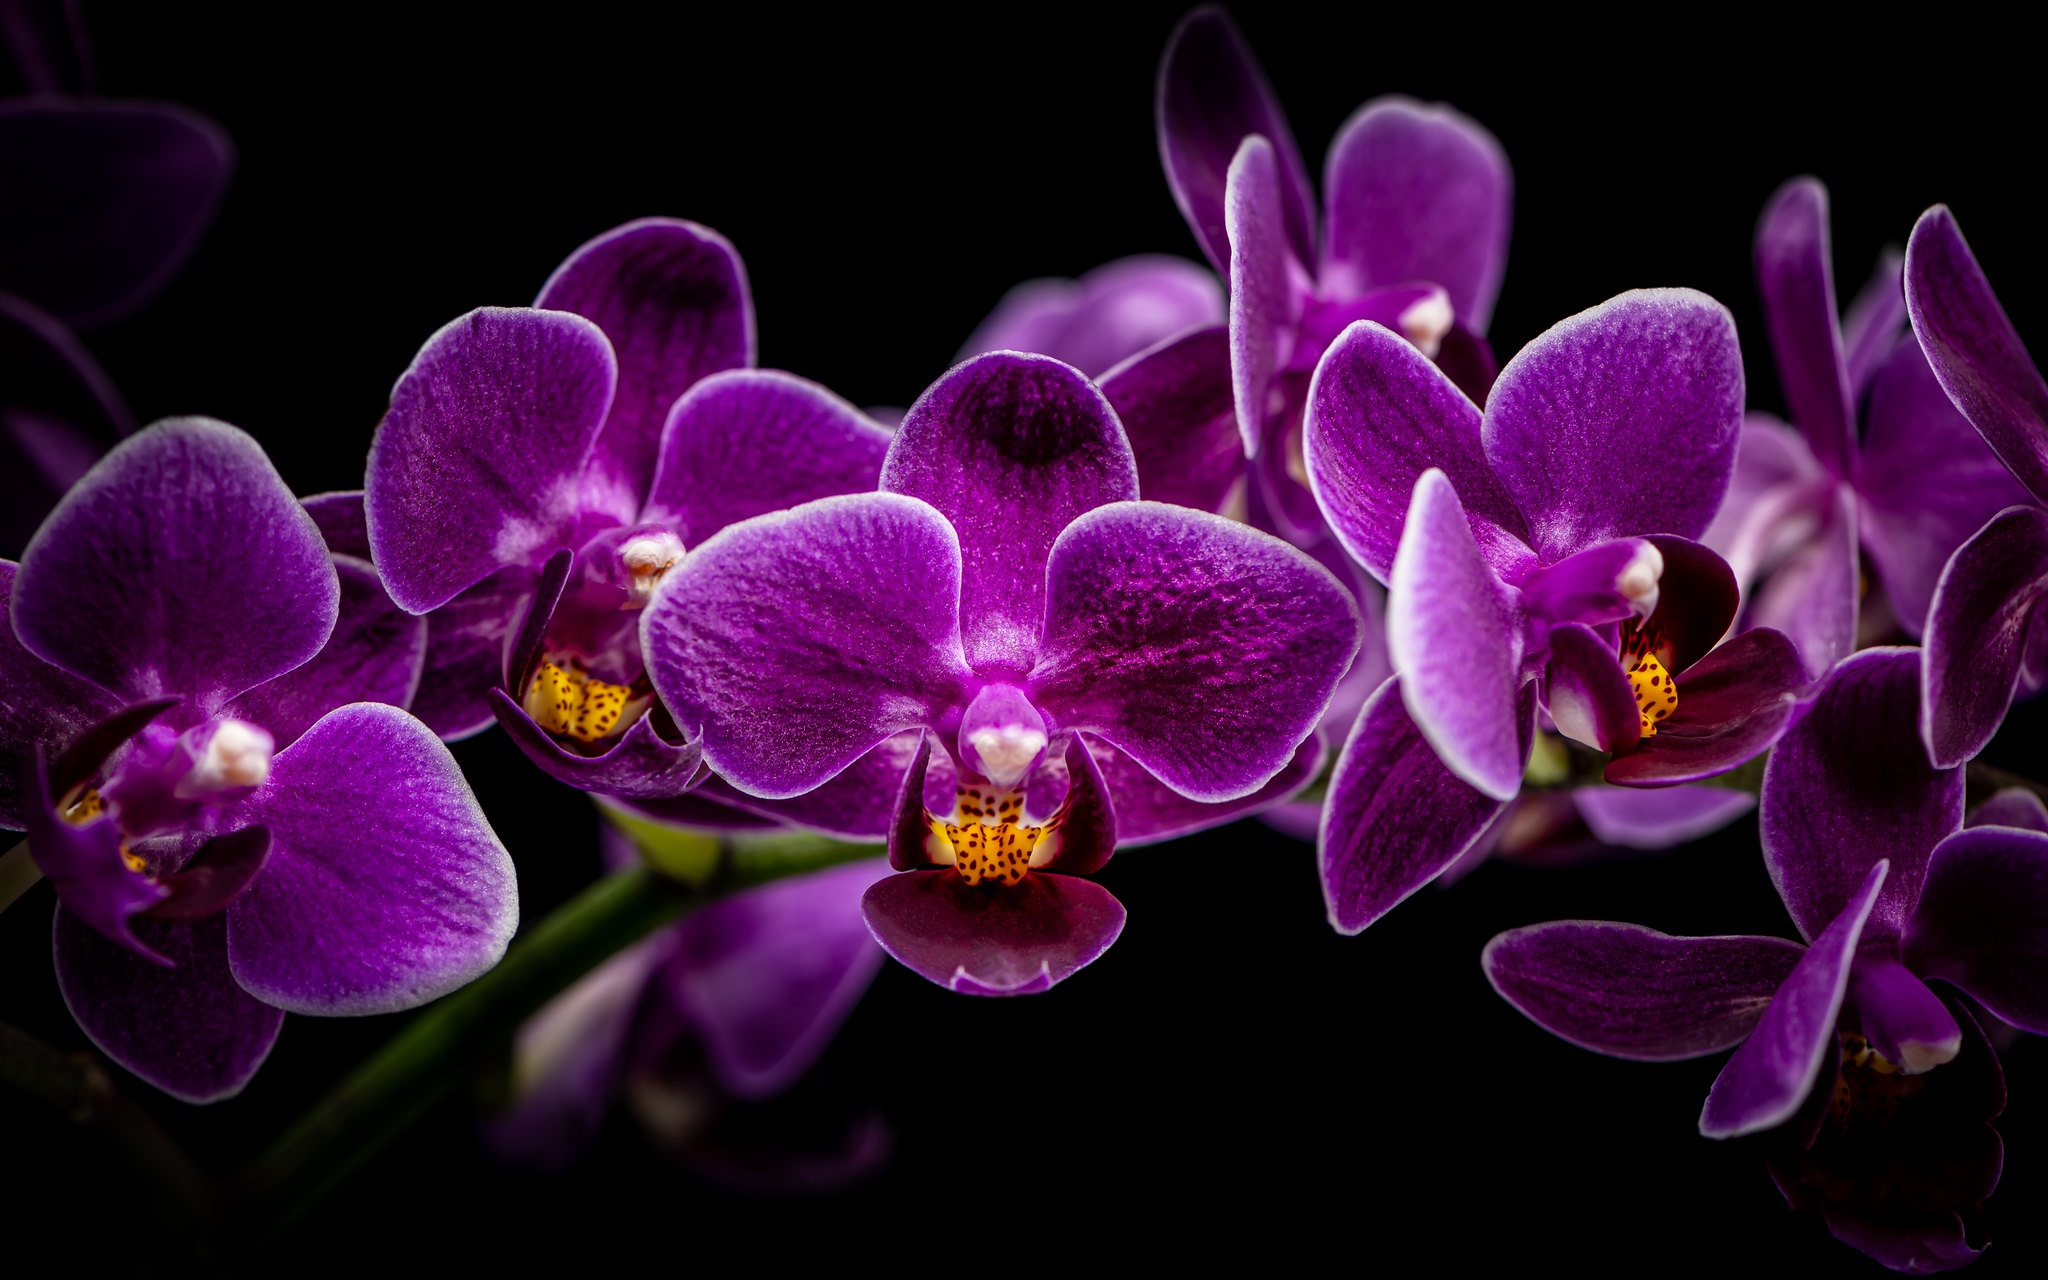 Картинки орхидей в хорошем качестве черные